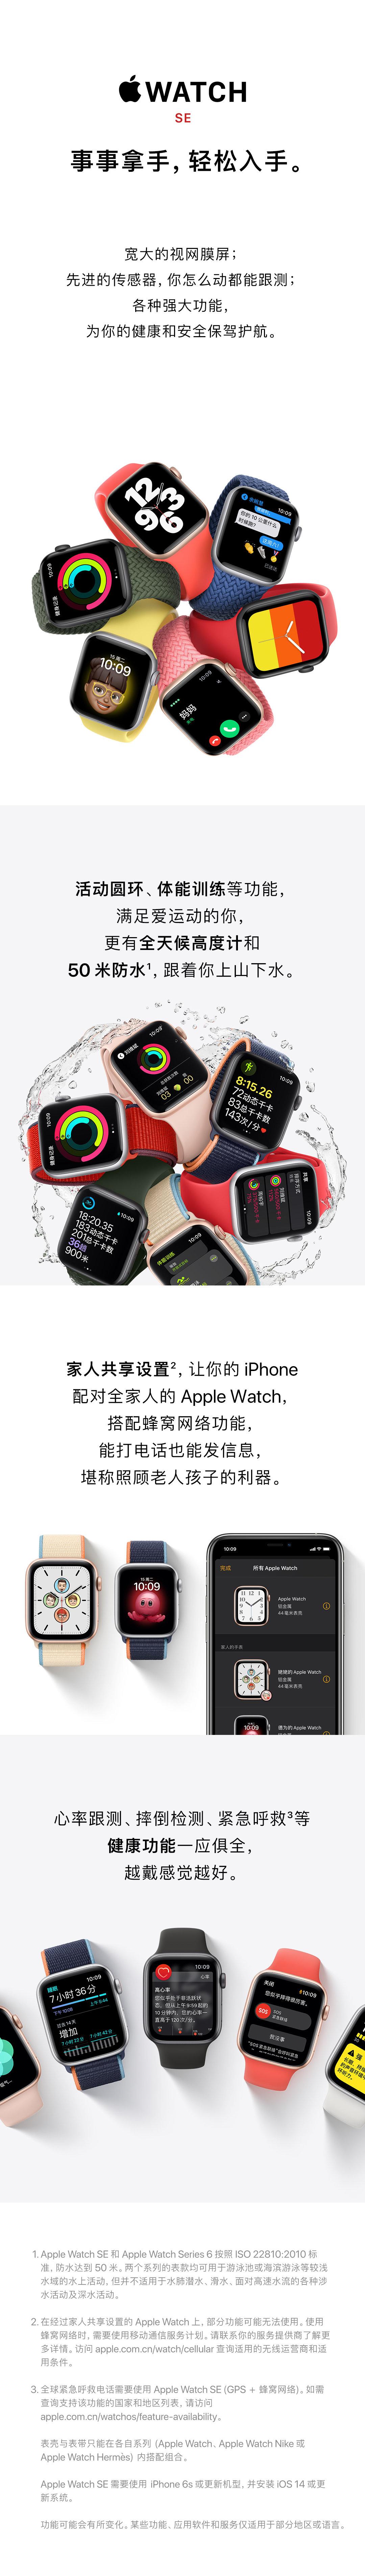 苹果官方制作发布会新品总结说明 没看发布会直播看这篇总结即可